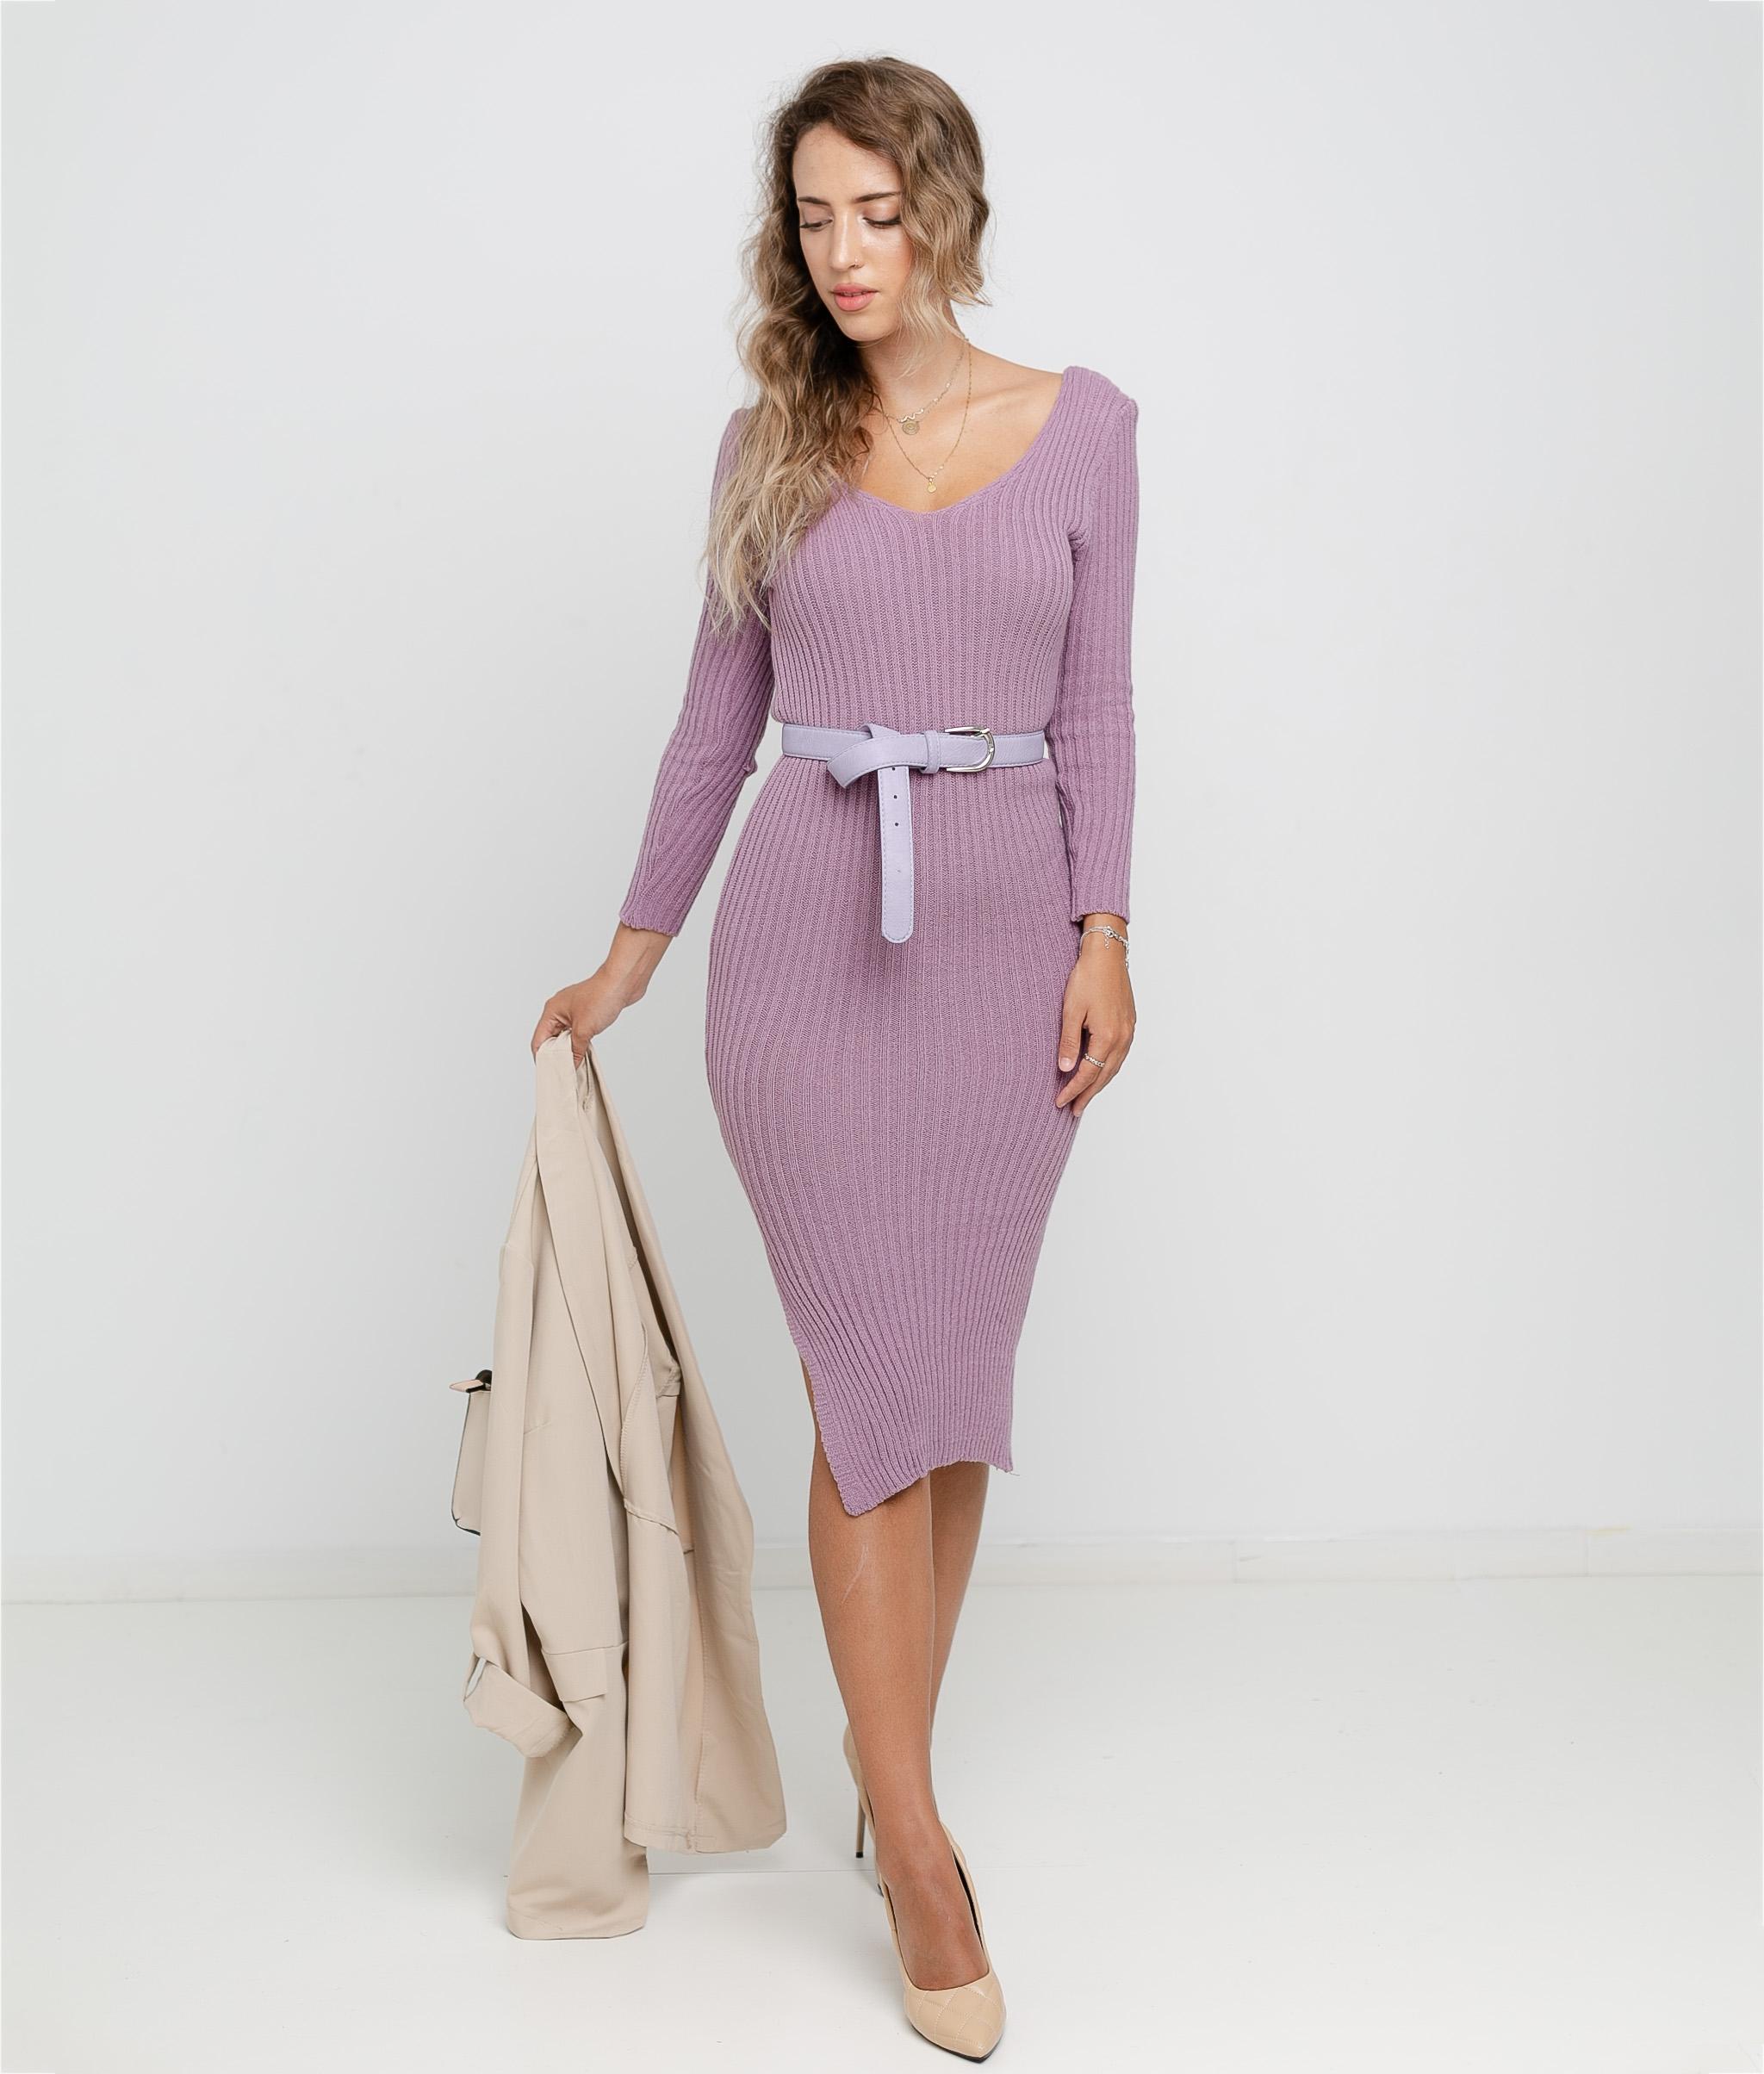 Artabi Dress - Purple